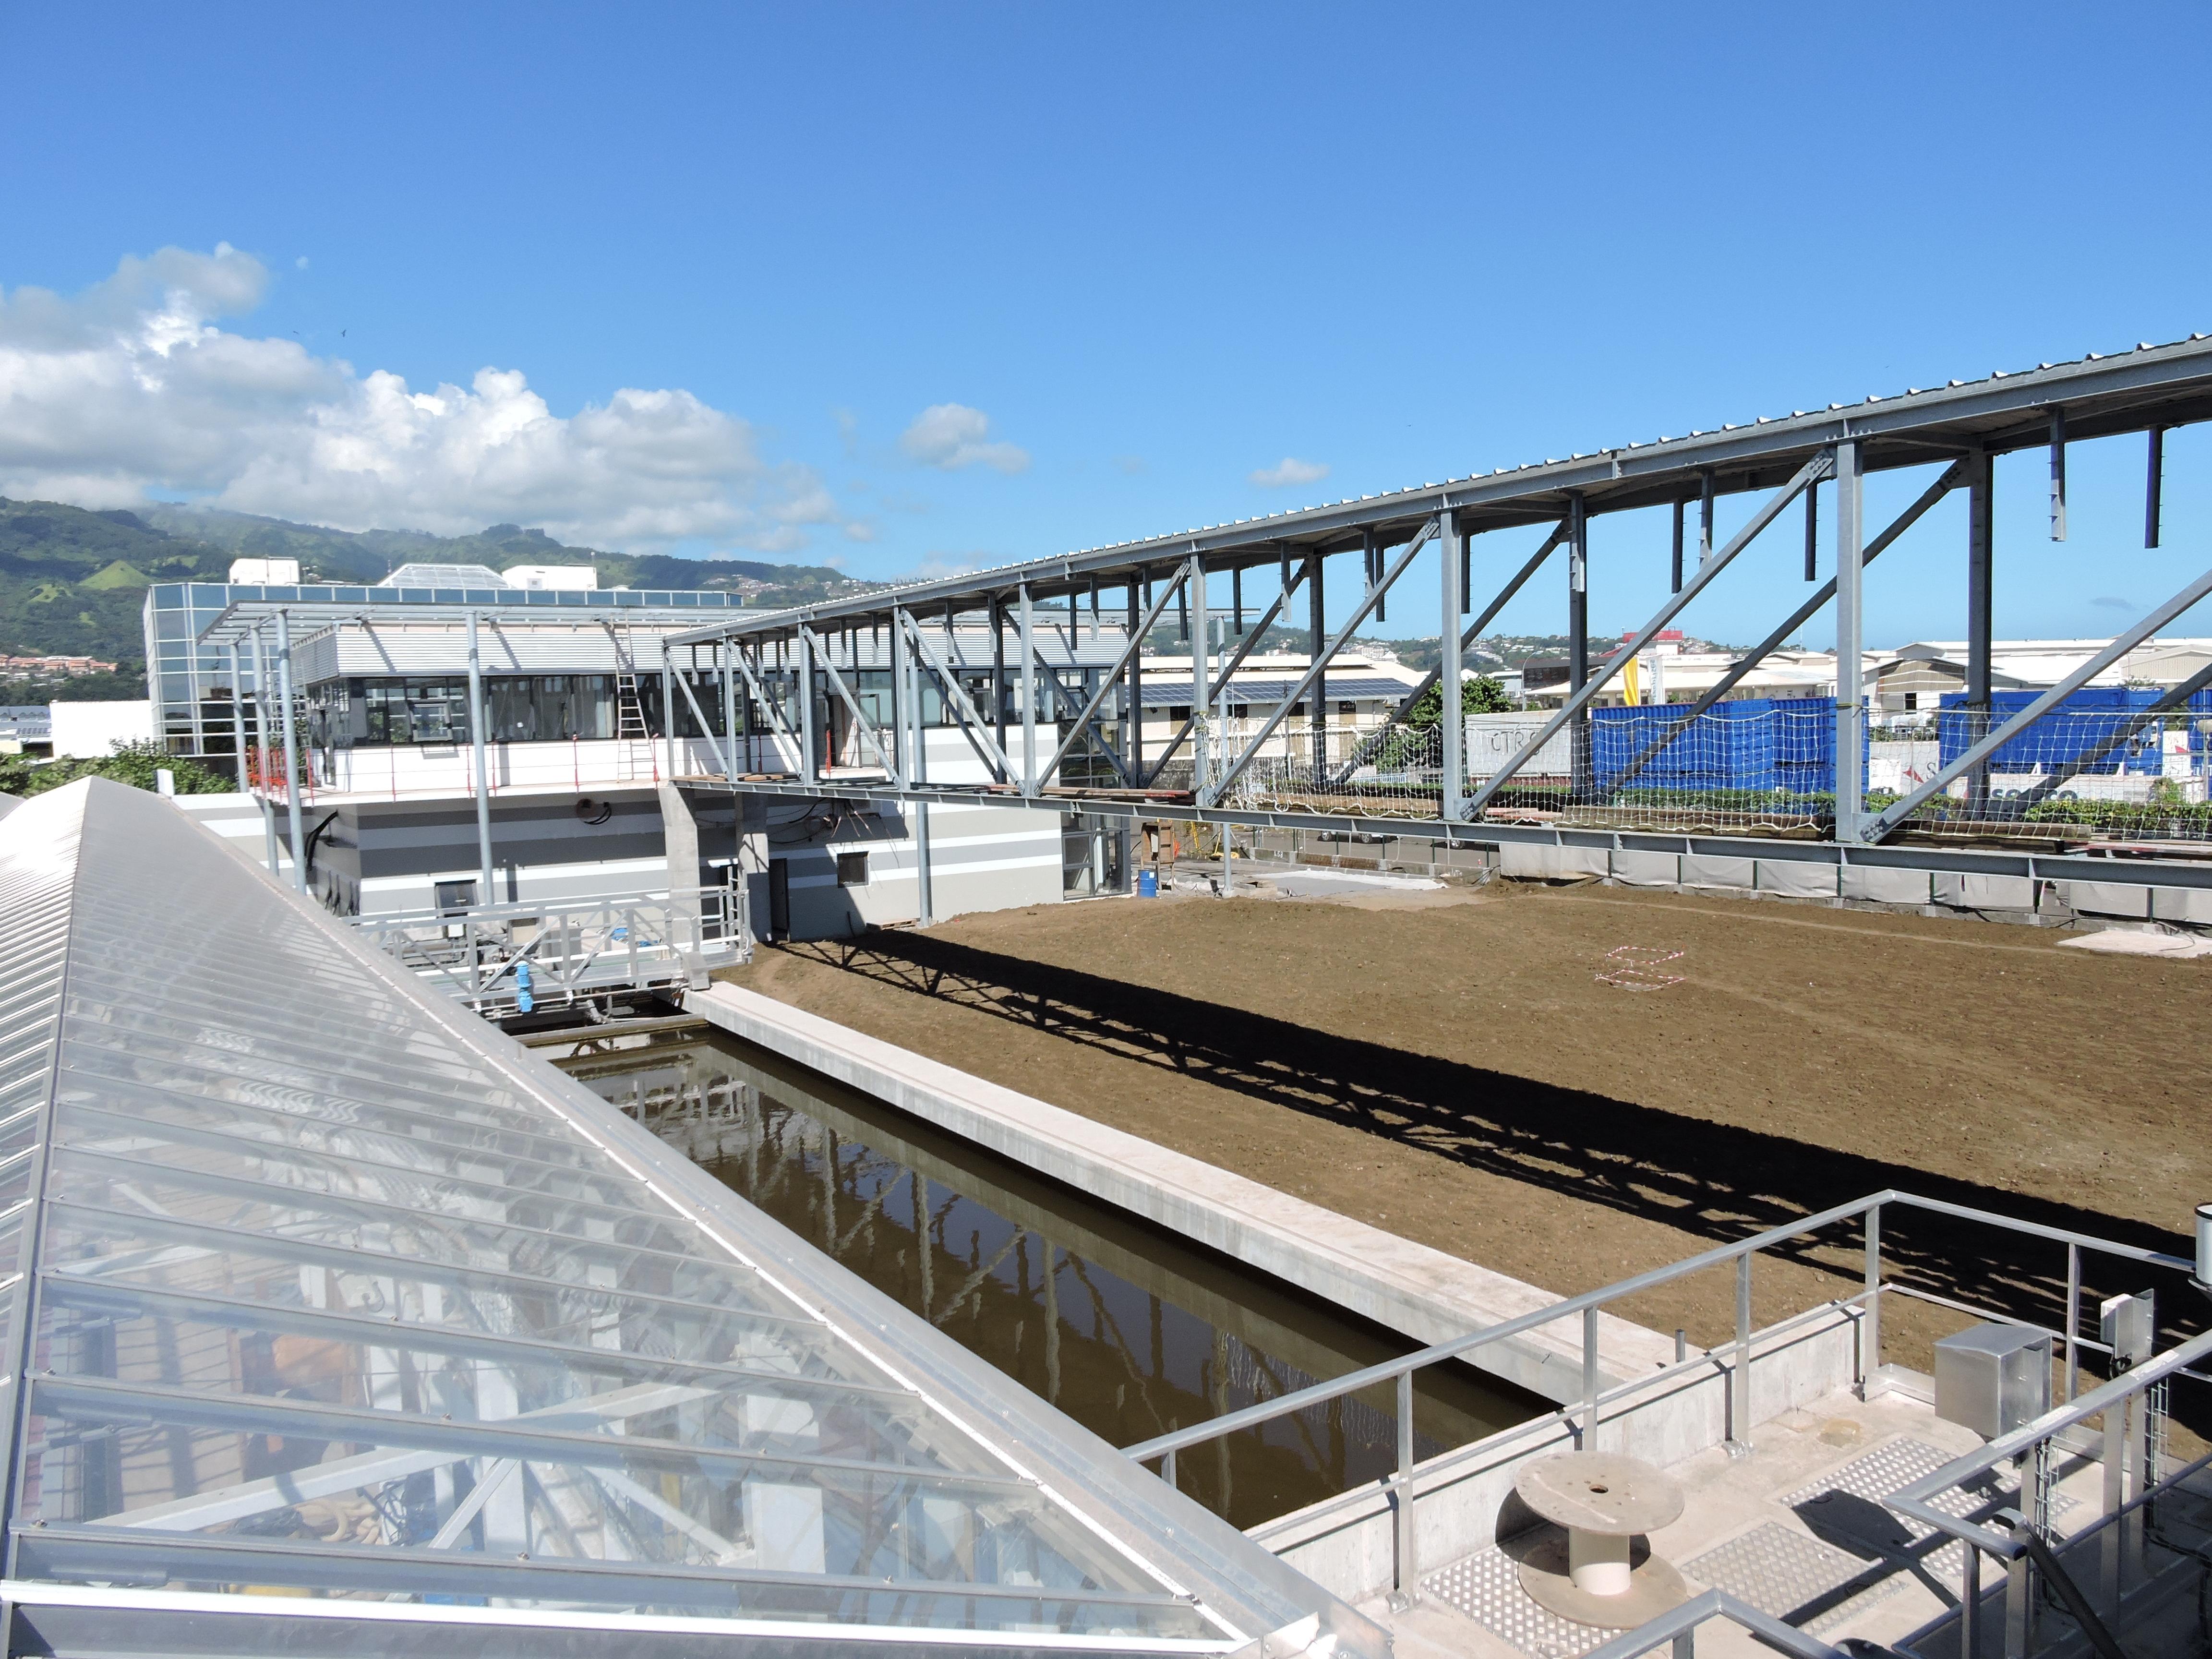 La station d'épuration est actuellement en rodage pour être pleinement opérationnelle en septembre.